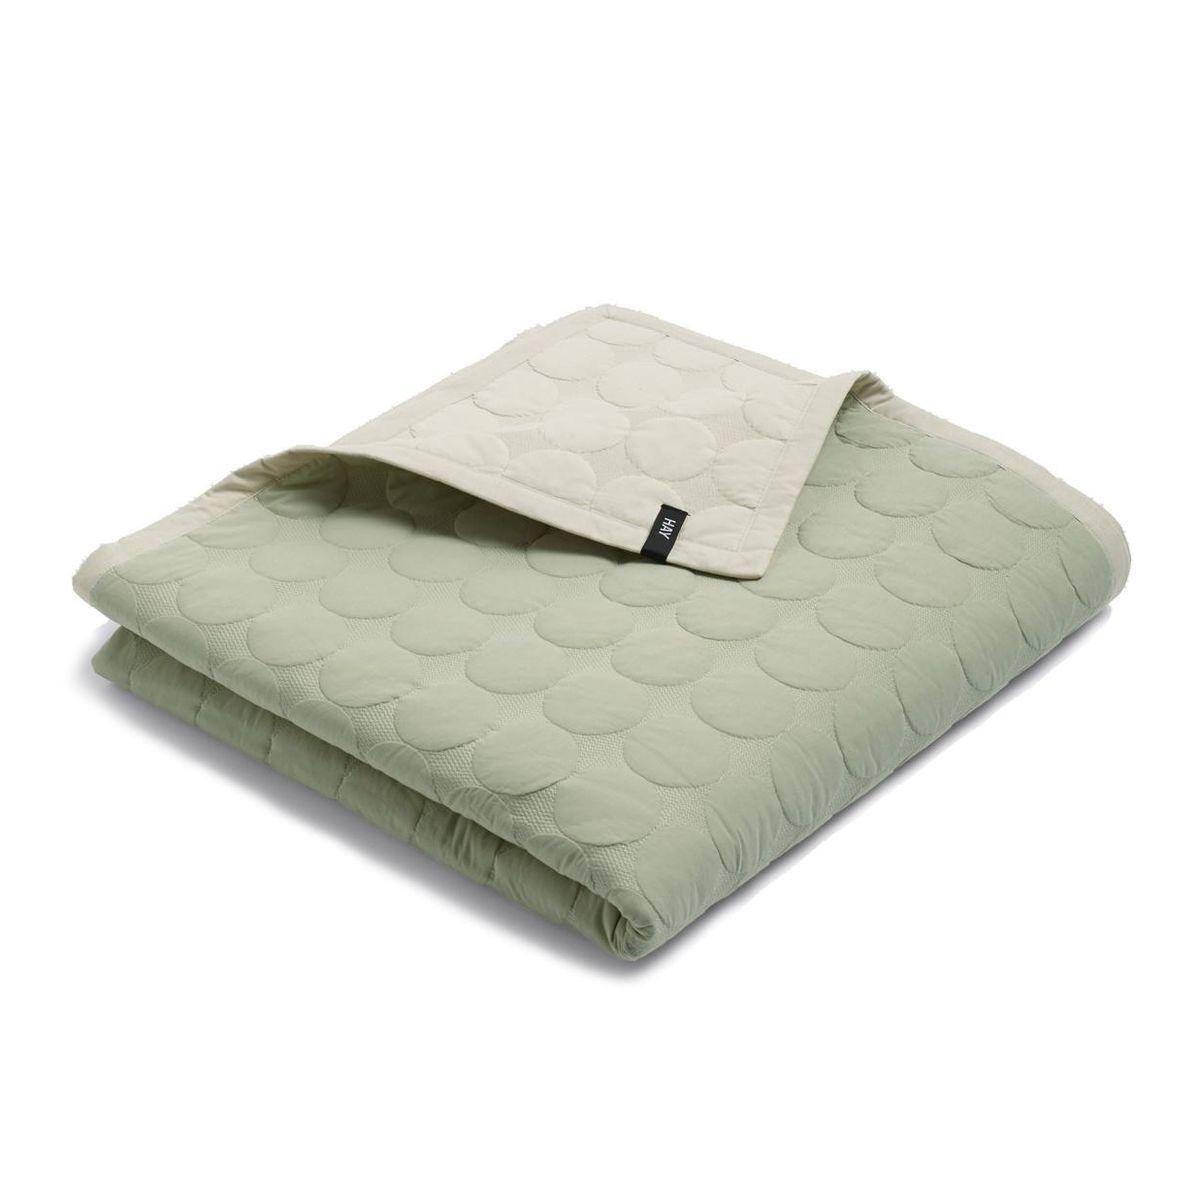 hay mega dot quilt tagesdecke sand 235x245cm. Black Bedroom Furniture Sets. Home Design Ideas